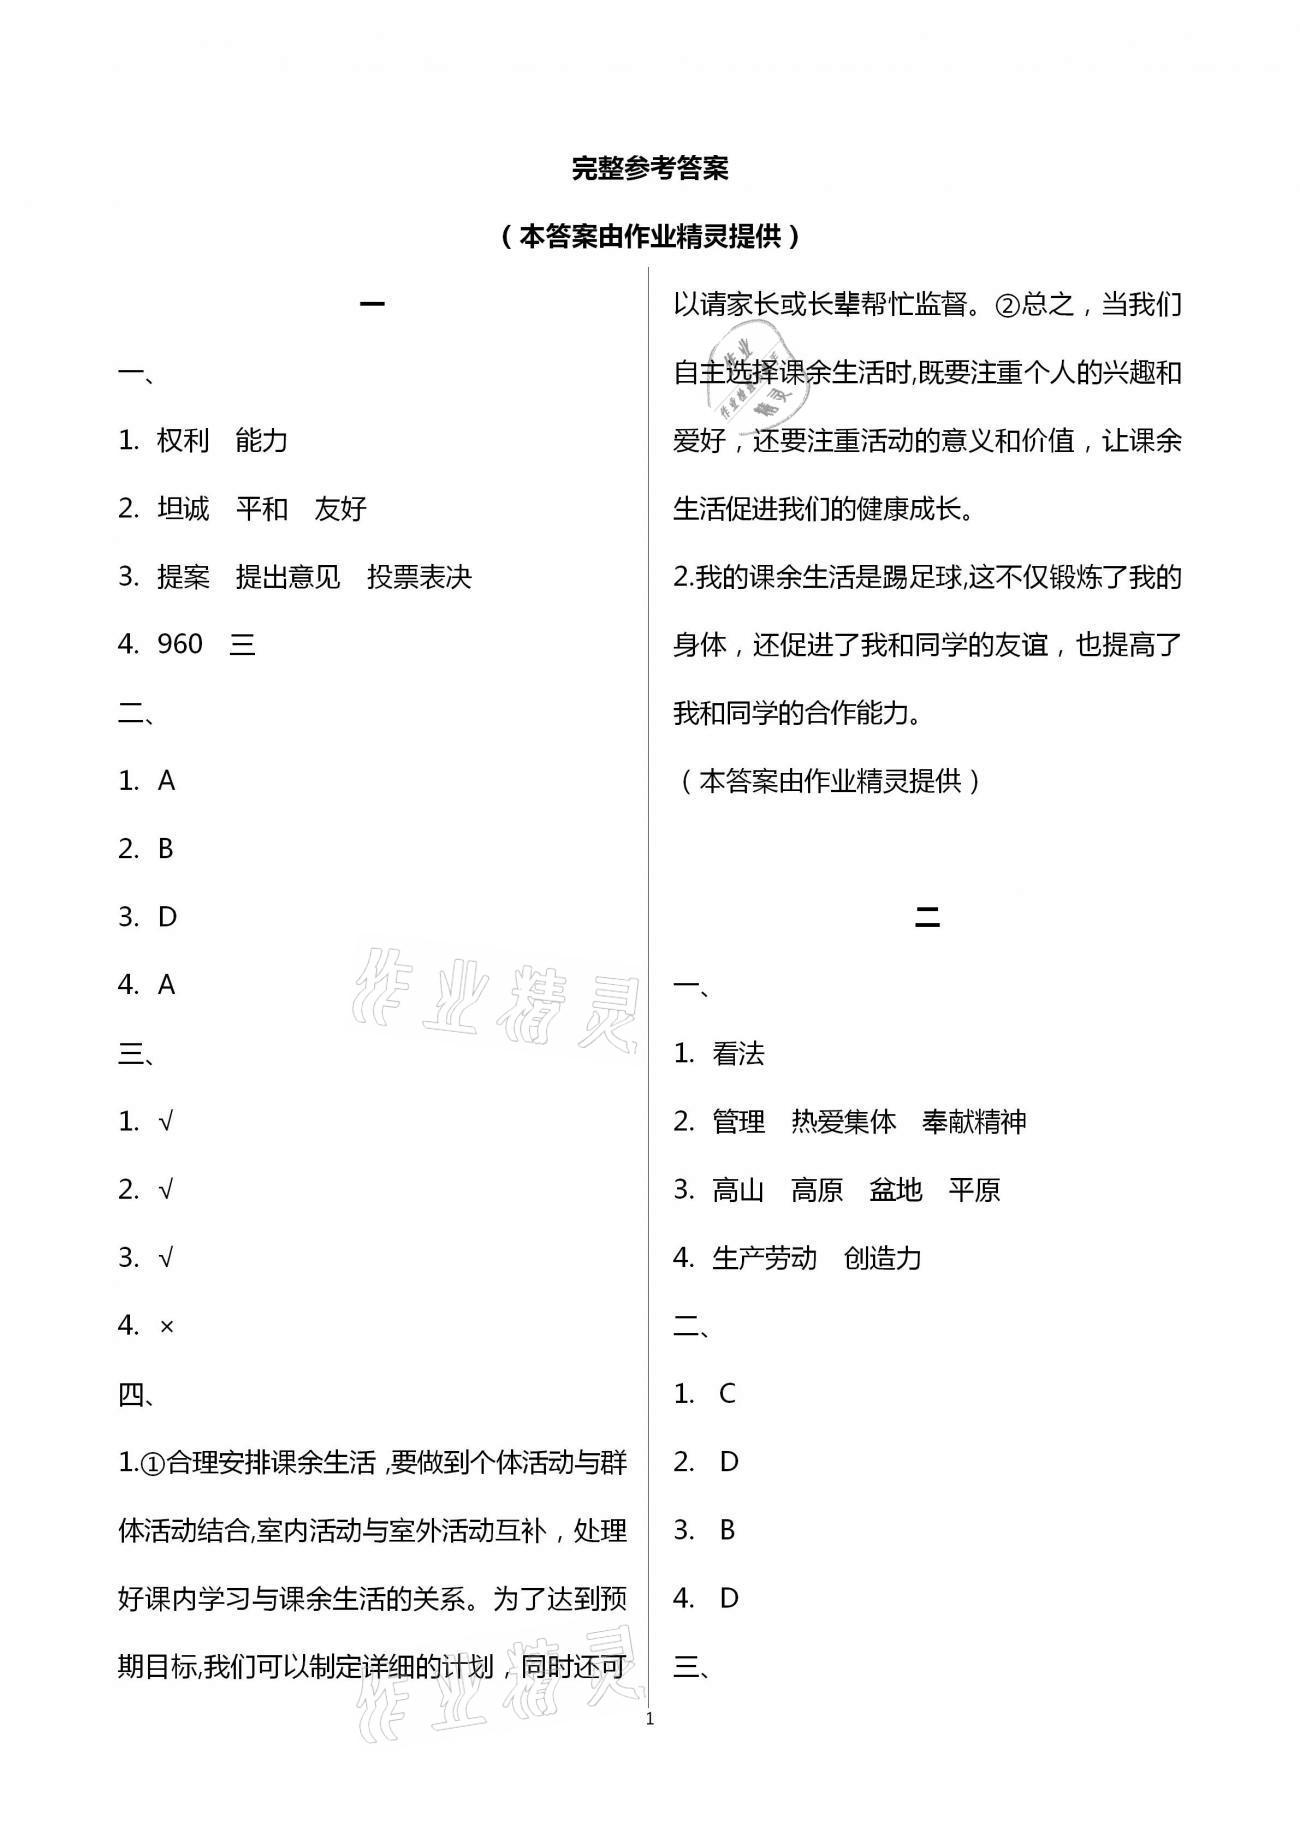 2021年湘教学苑寒假作业五年级道德与法治人教版湖南教育出版社第1页